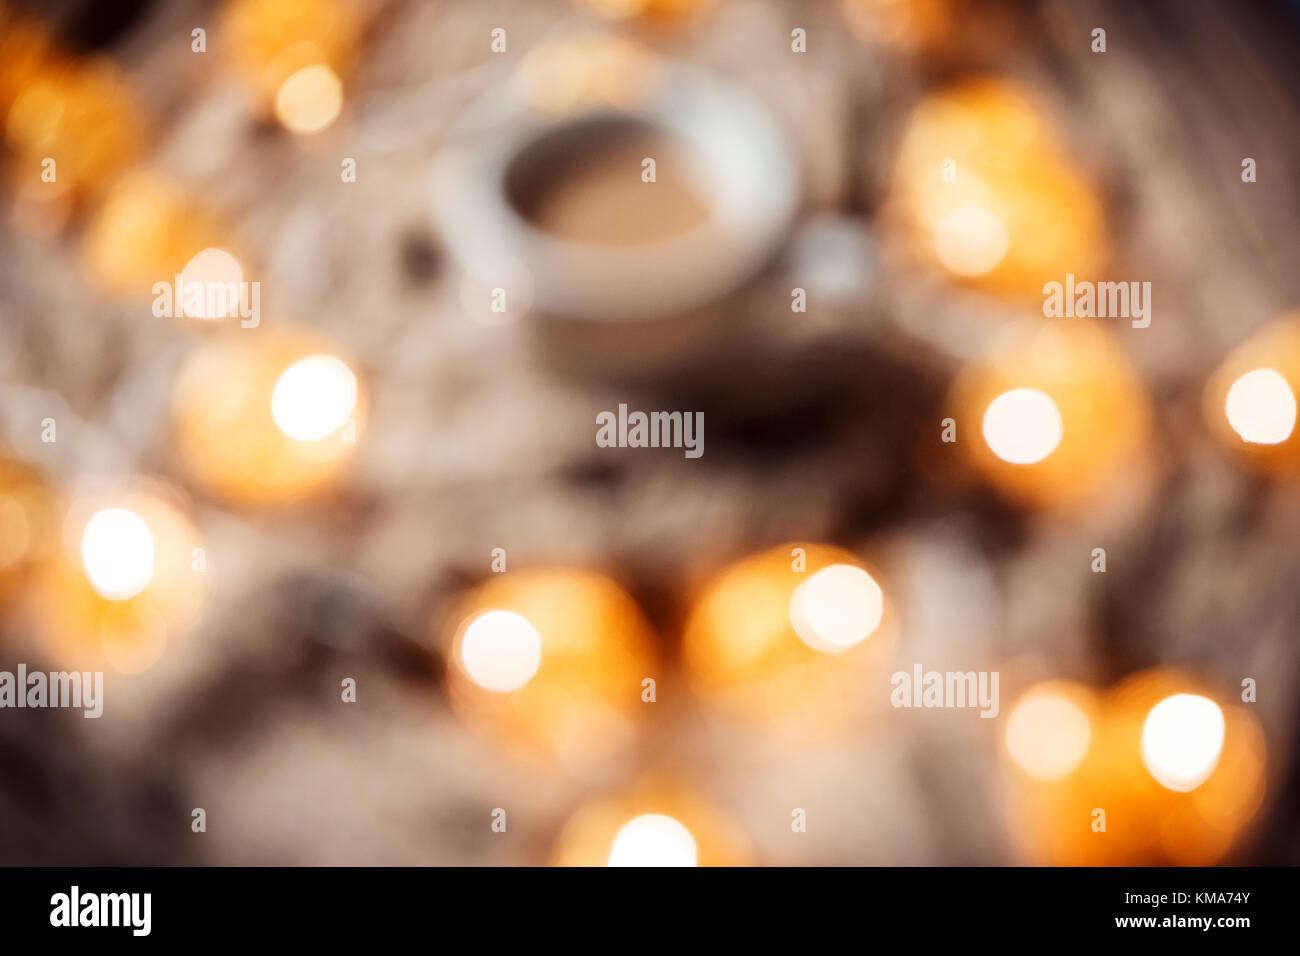 Noël arrière-plan flou avec un bokeh flou et golden garland tasse de café  sur une écharpe tricot brun. Une belle maison de vacances idée de postcar 3bf61419821